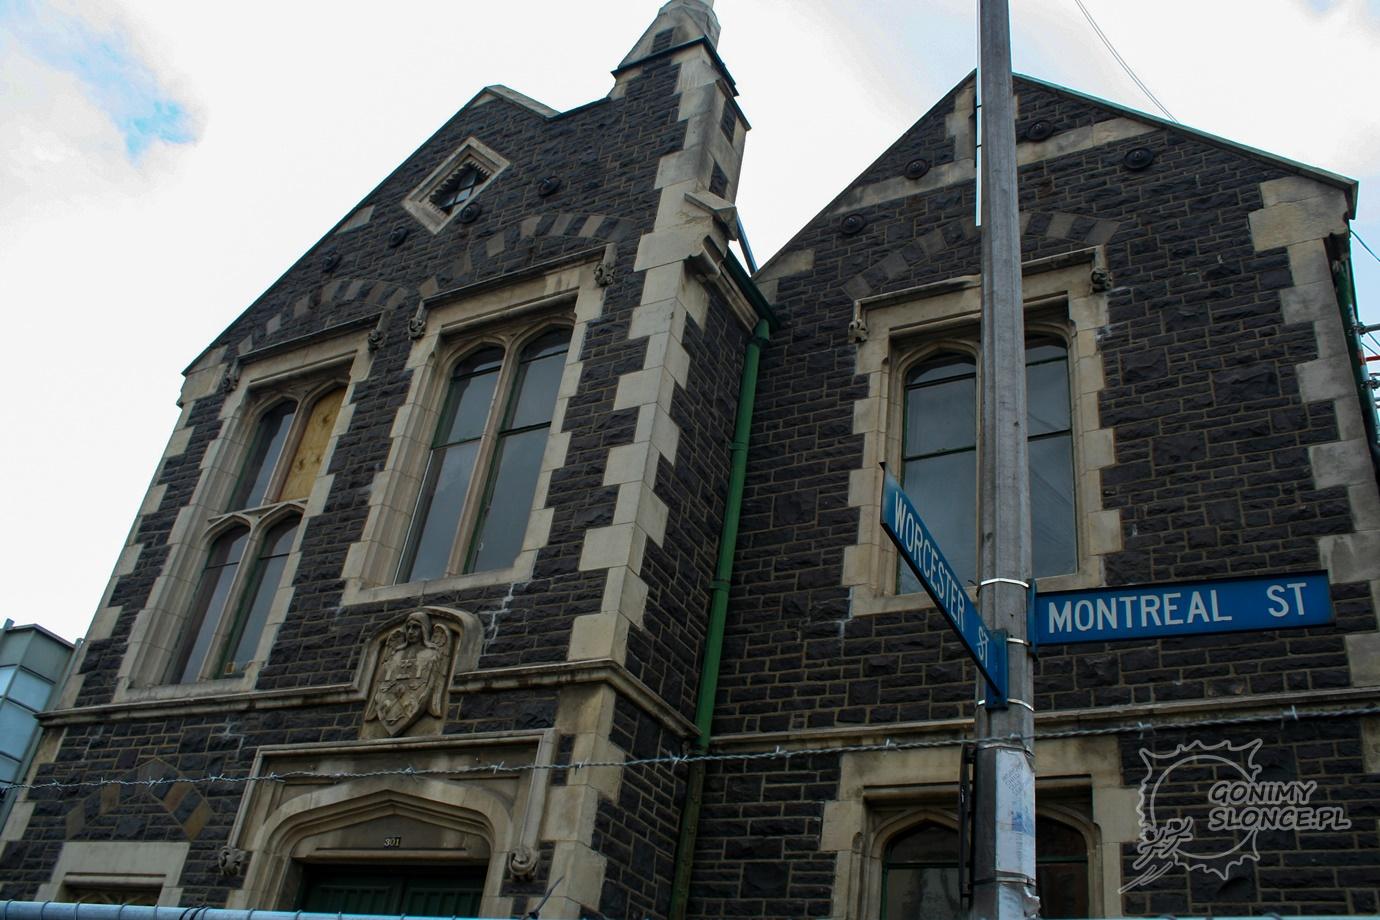 Montreal Street Christchurch